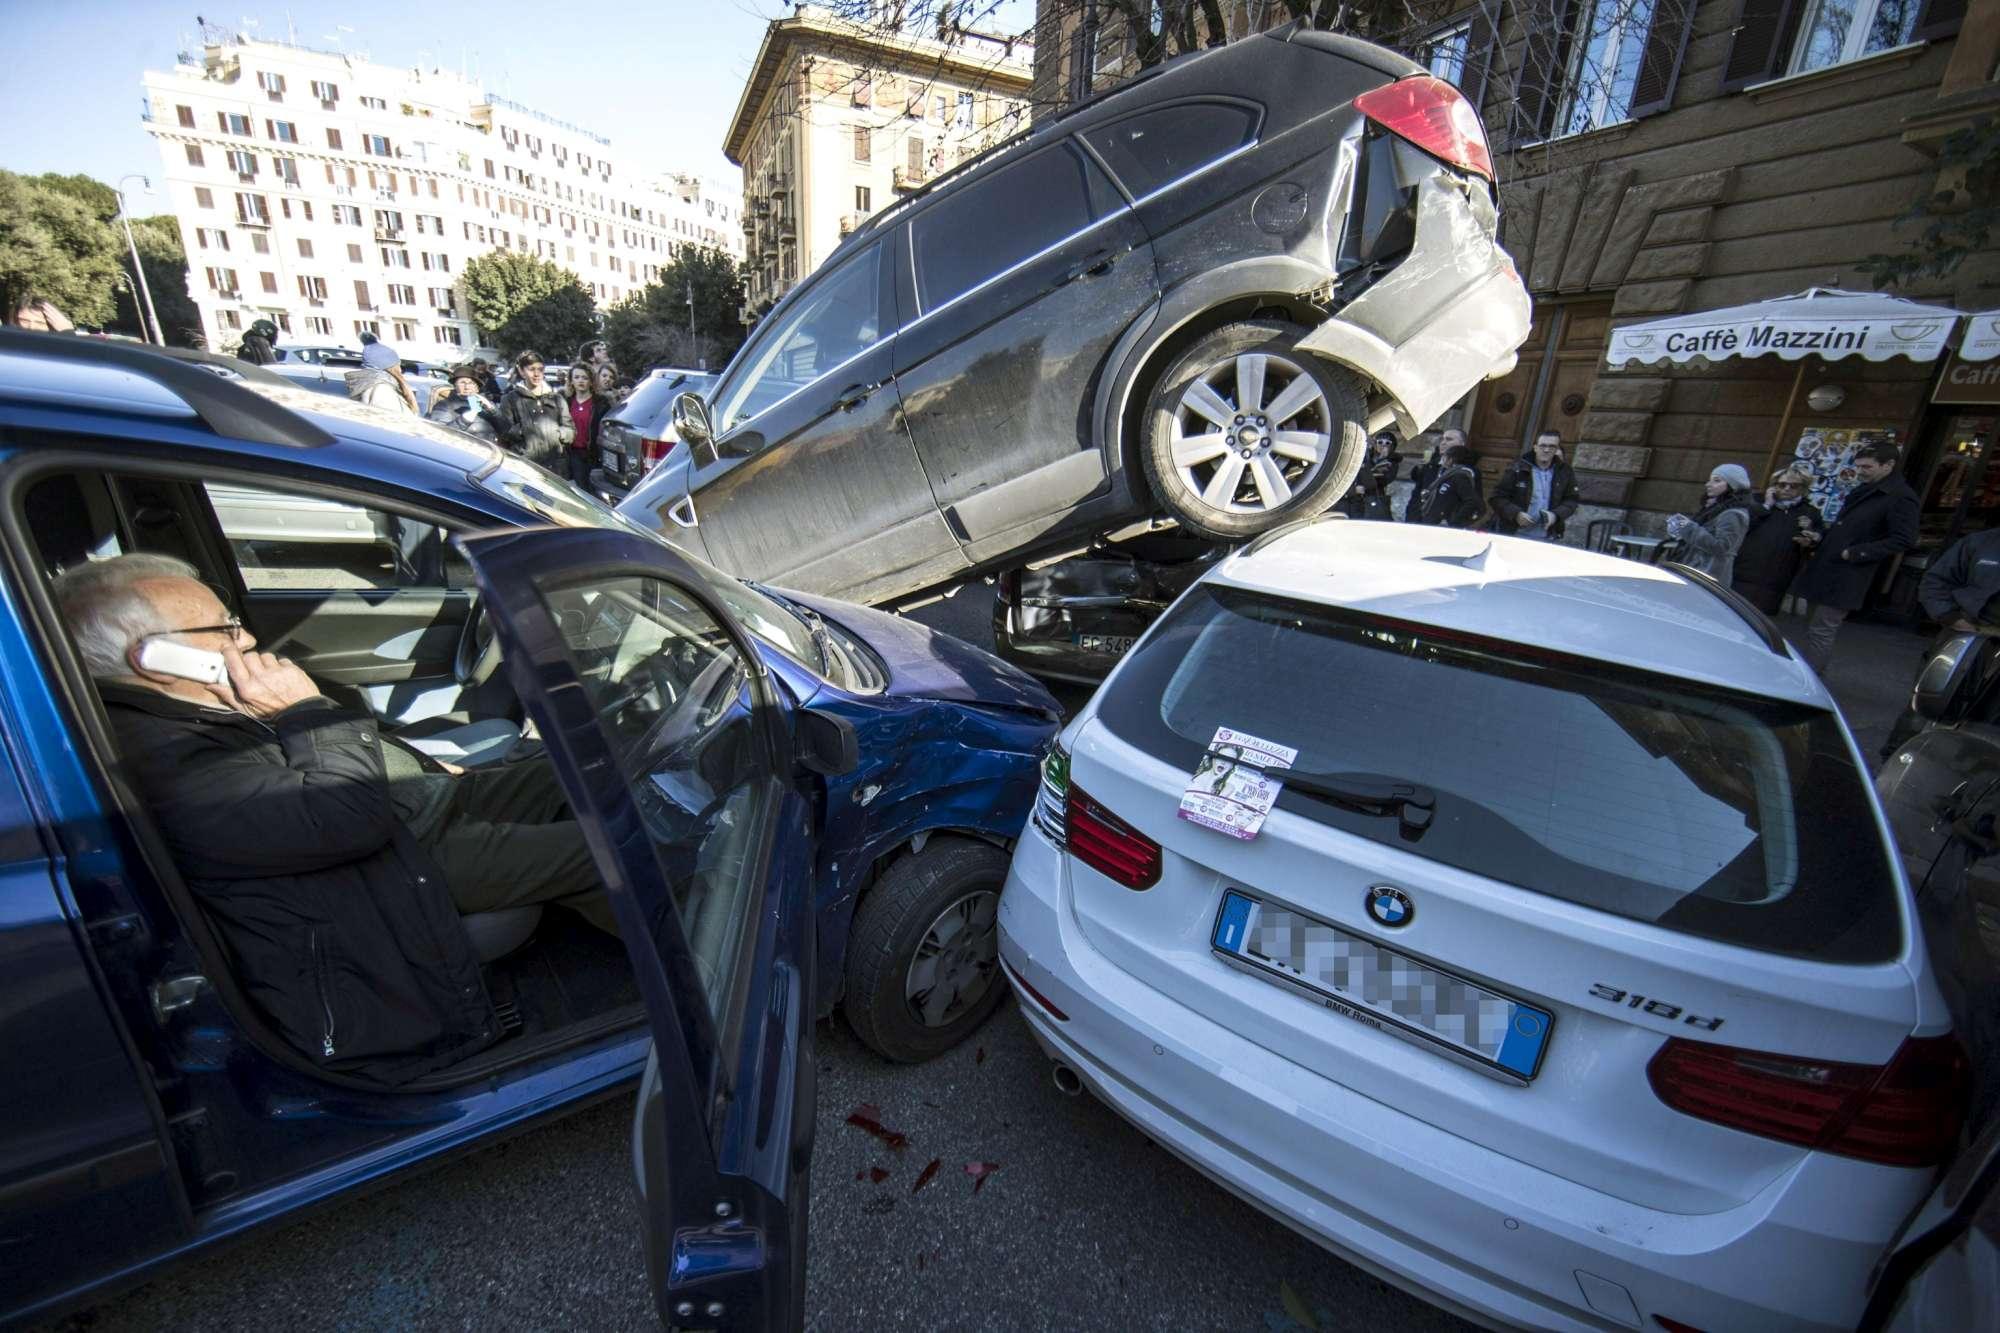 Roma, suv  si arrampica  in retromarcia su altre auto: traffico in tilt